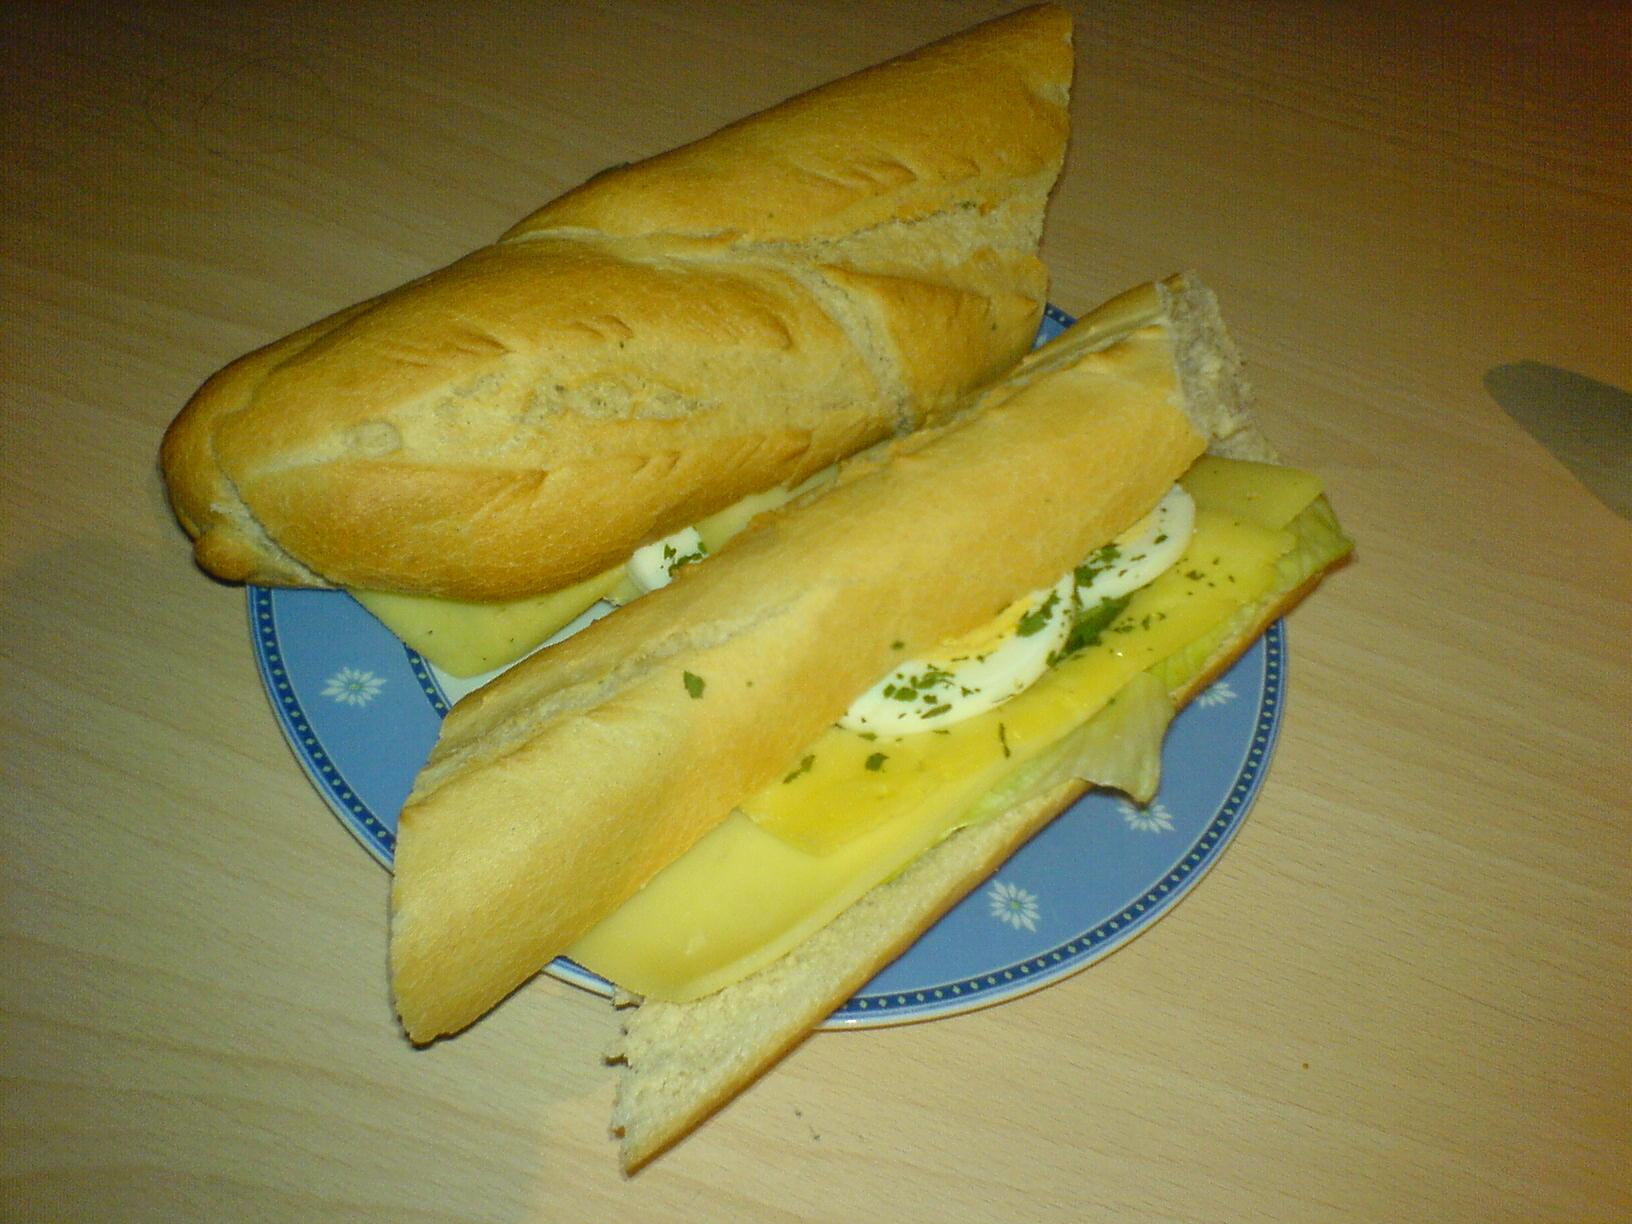 http://foodloader.net/Holz_2007-11-01_Kaesebaguettes.jpg